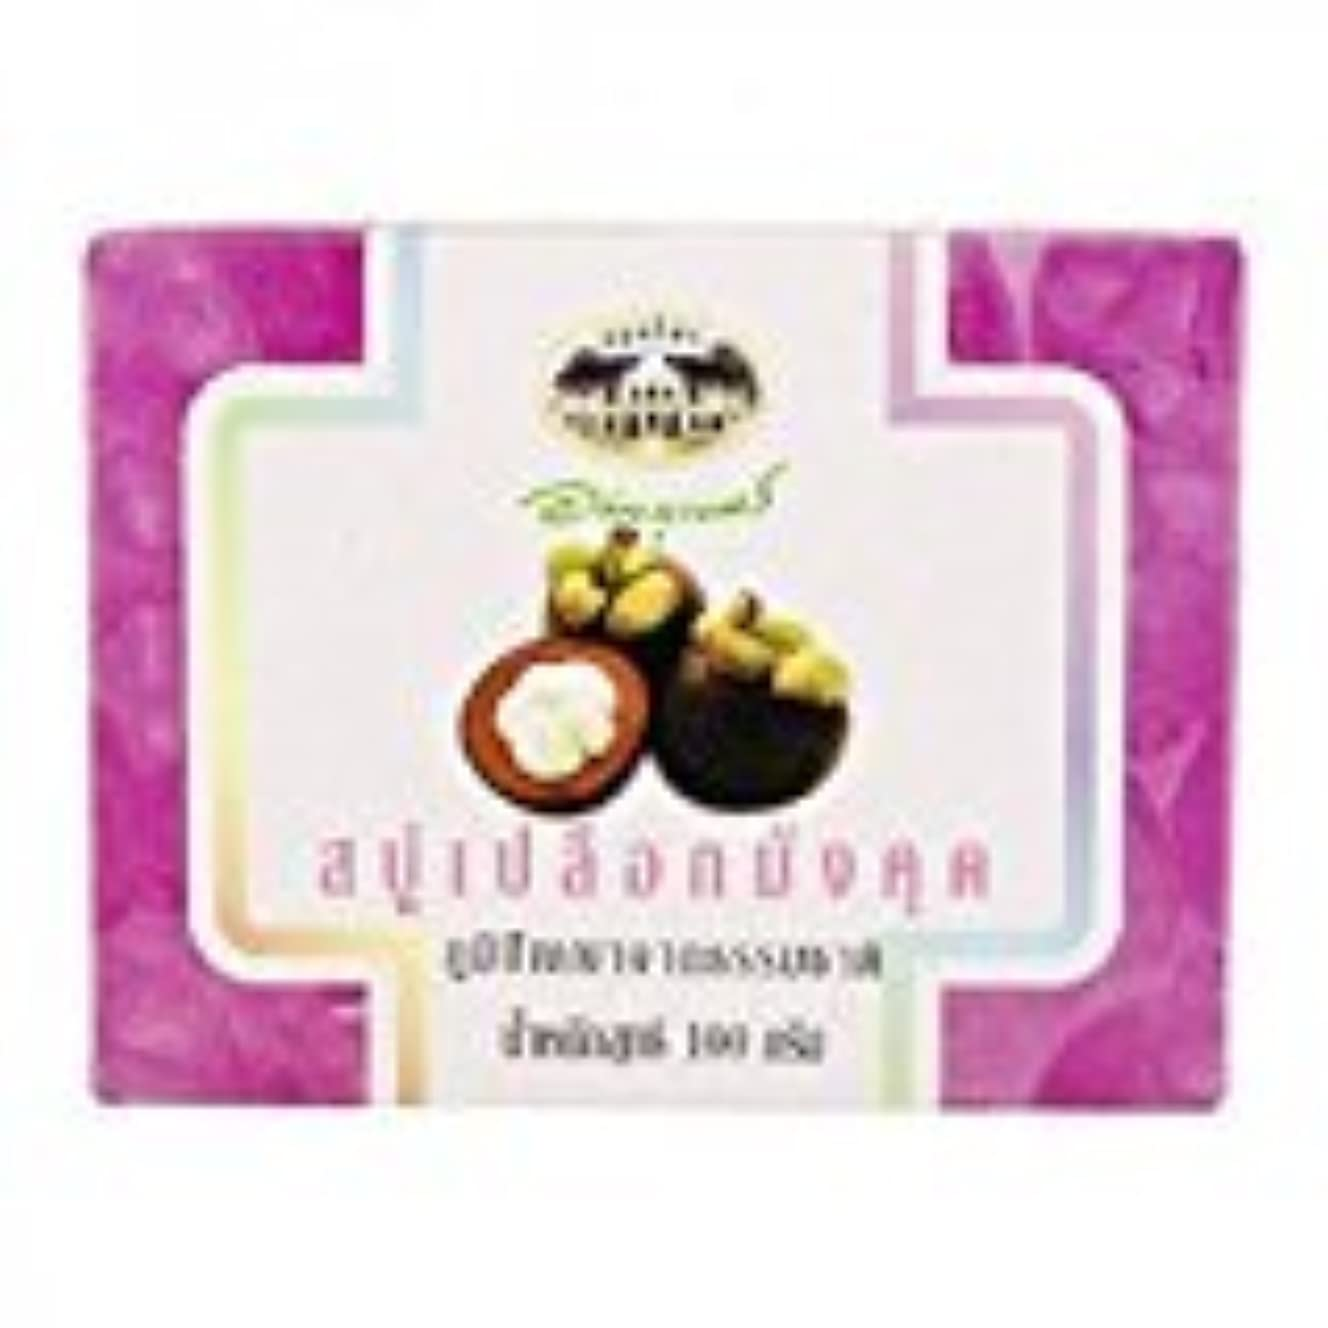 専門知識ホイッスル以下マンゴスチン石鹸 abhaibhubejhr Mangosteen Peel Soap 100g 1個